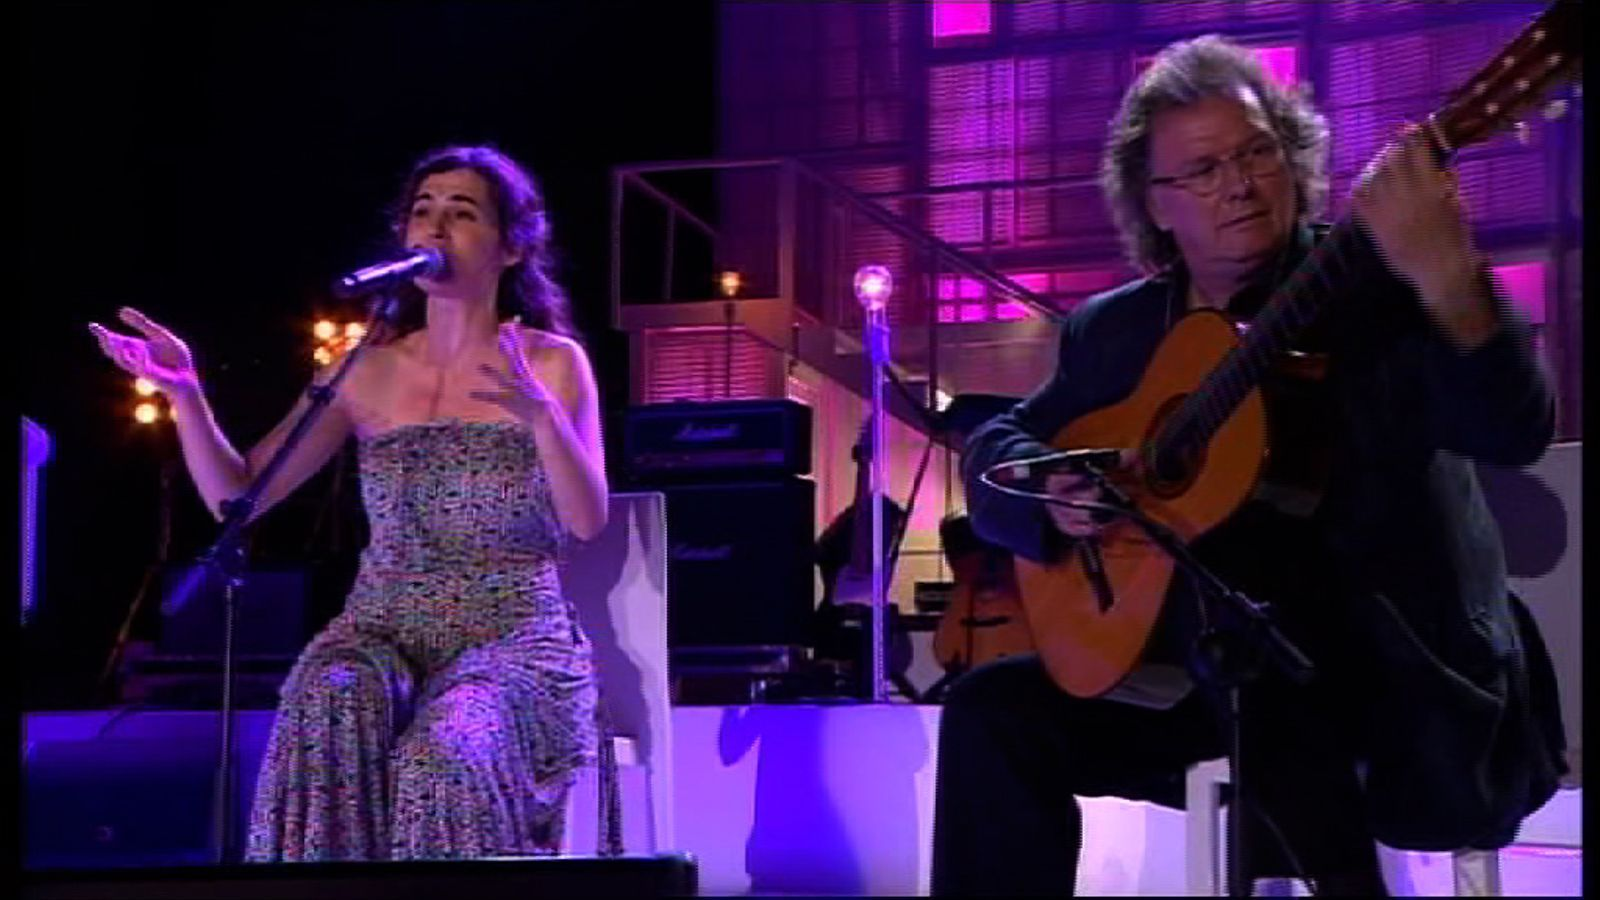 Sílvia Pérez Cruz i Toti Soler interpreten 'Paraules d'amor' al concert 'Les nostres cançons contra la sida'